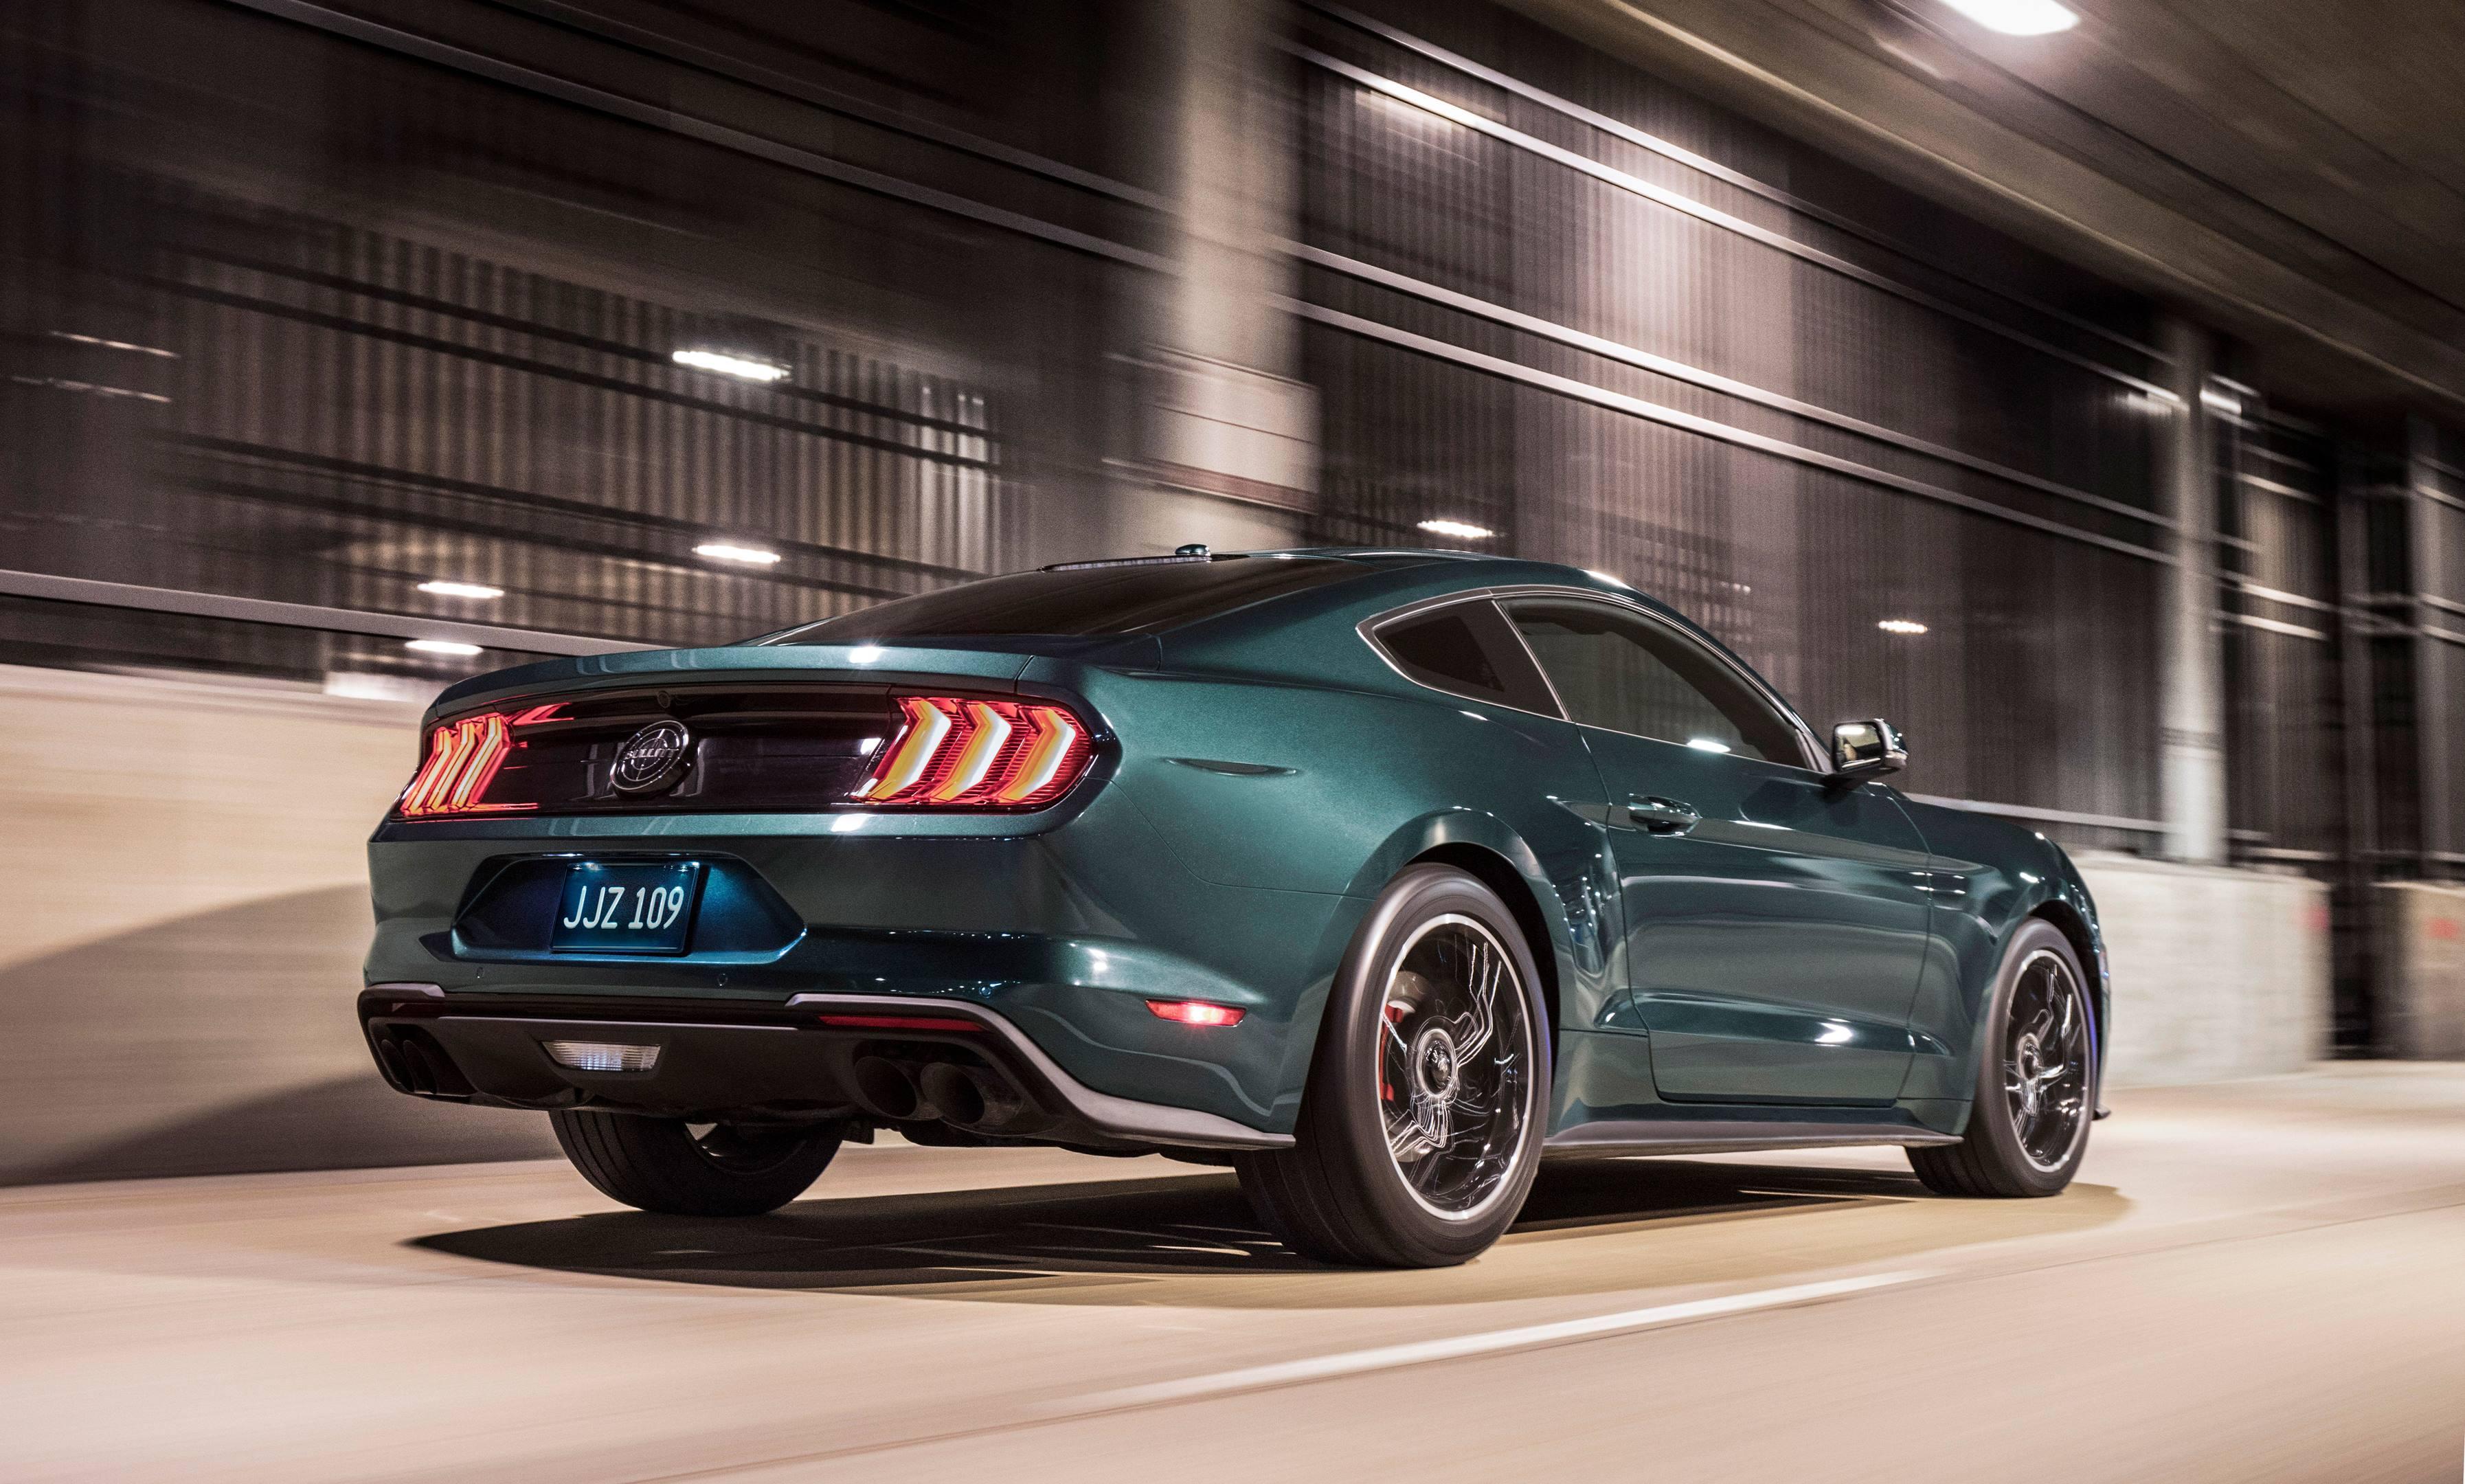 2019 Mustang Bullitt rear 3/4